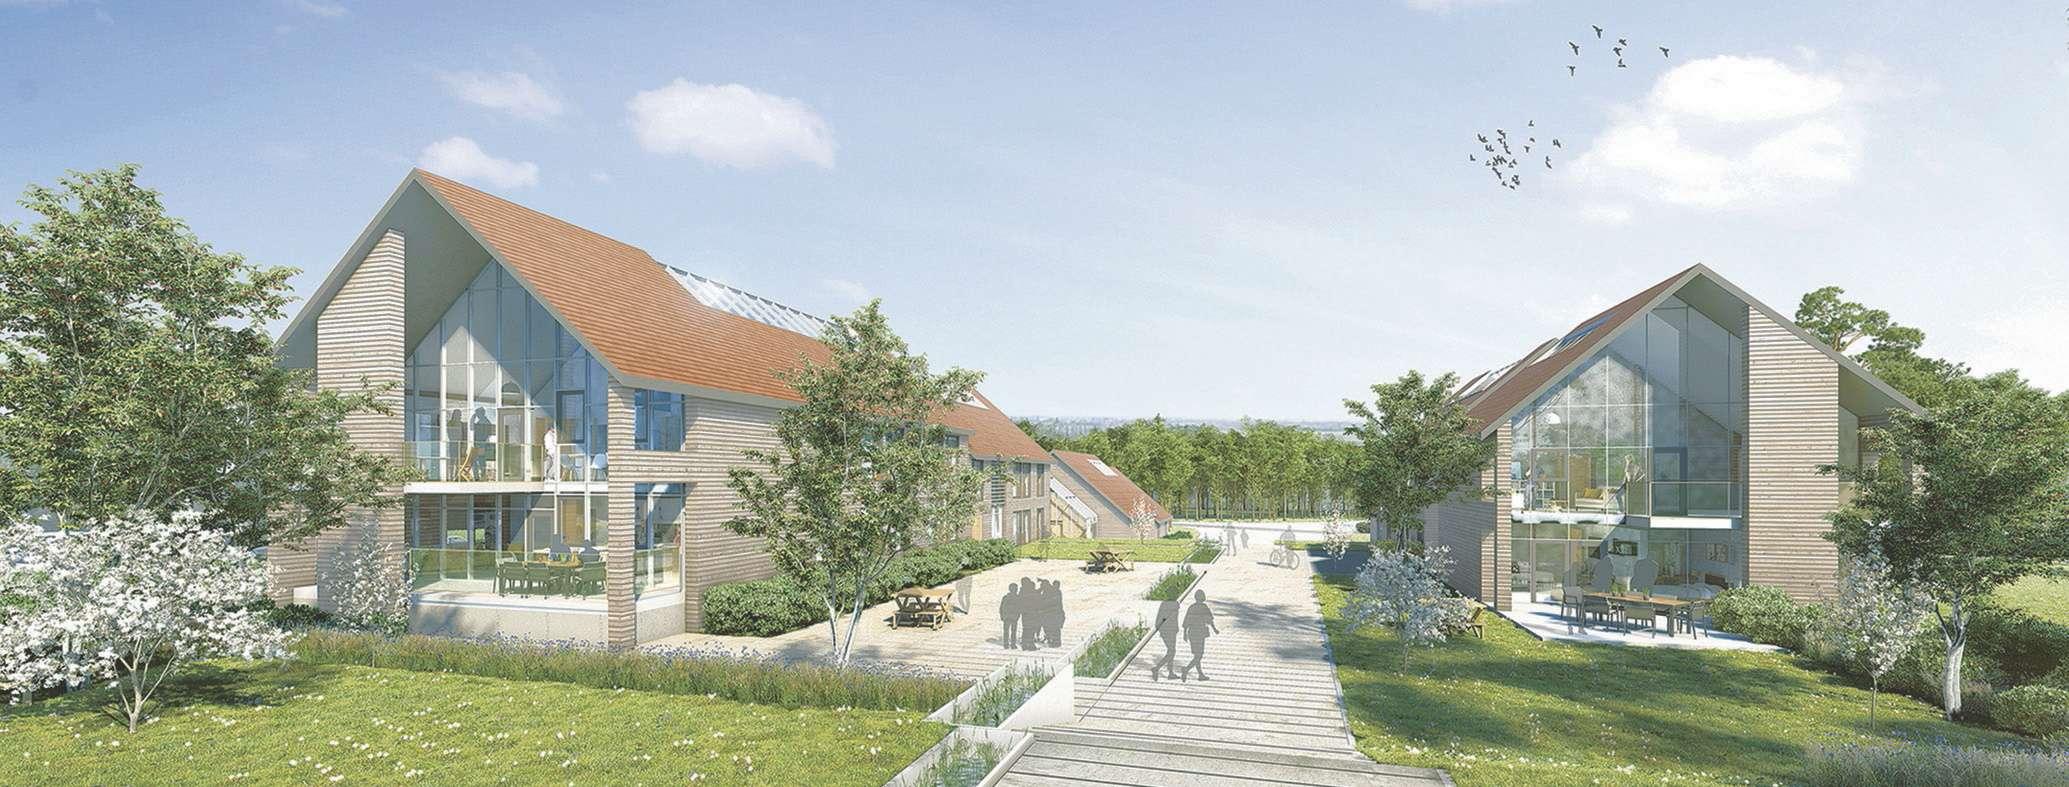 Futur campus équin de Goustrainville